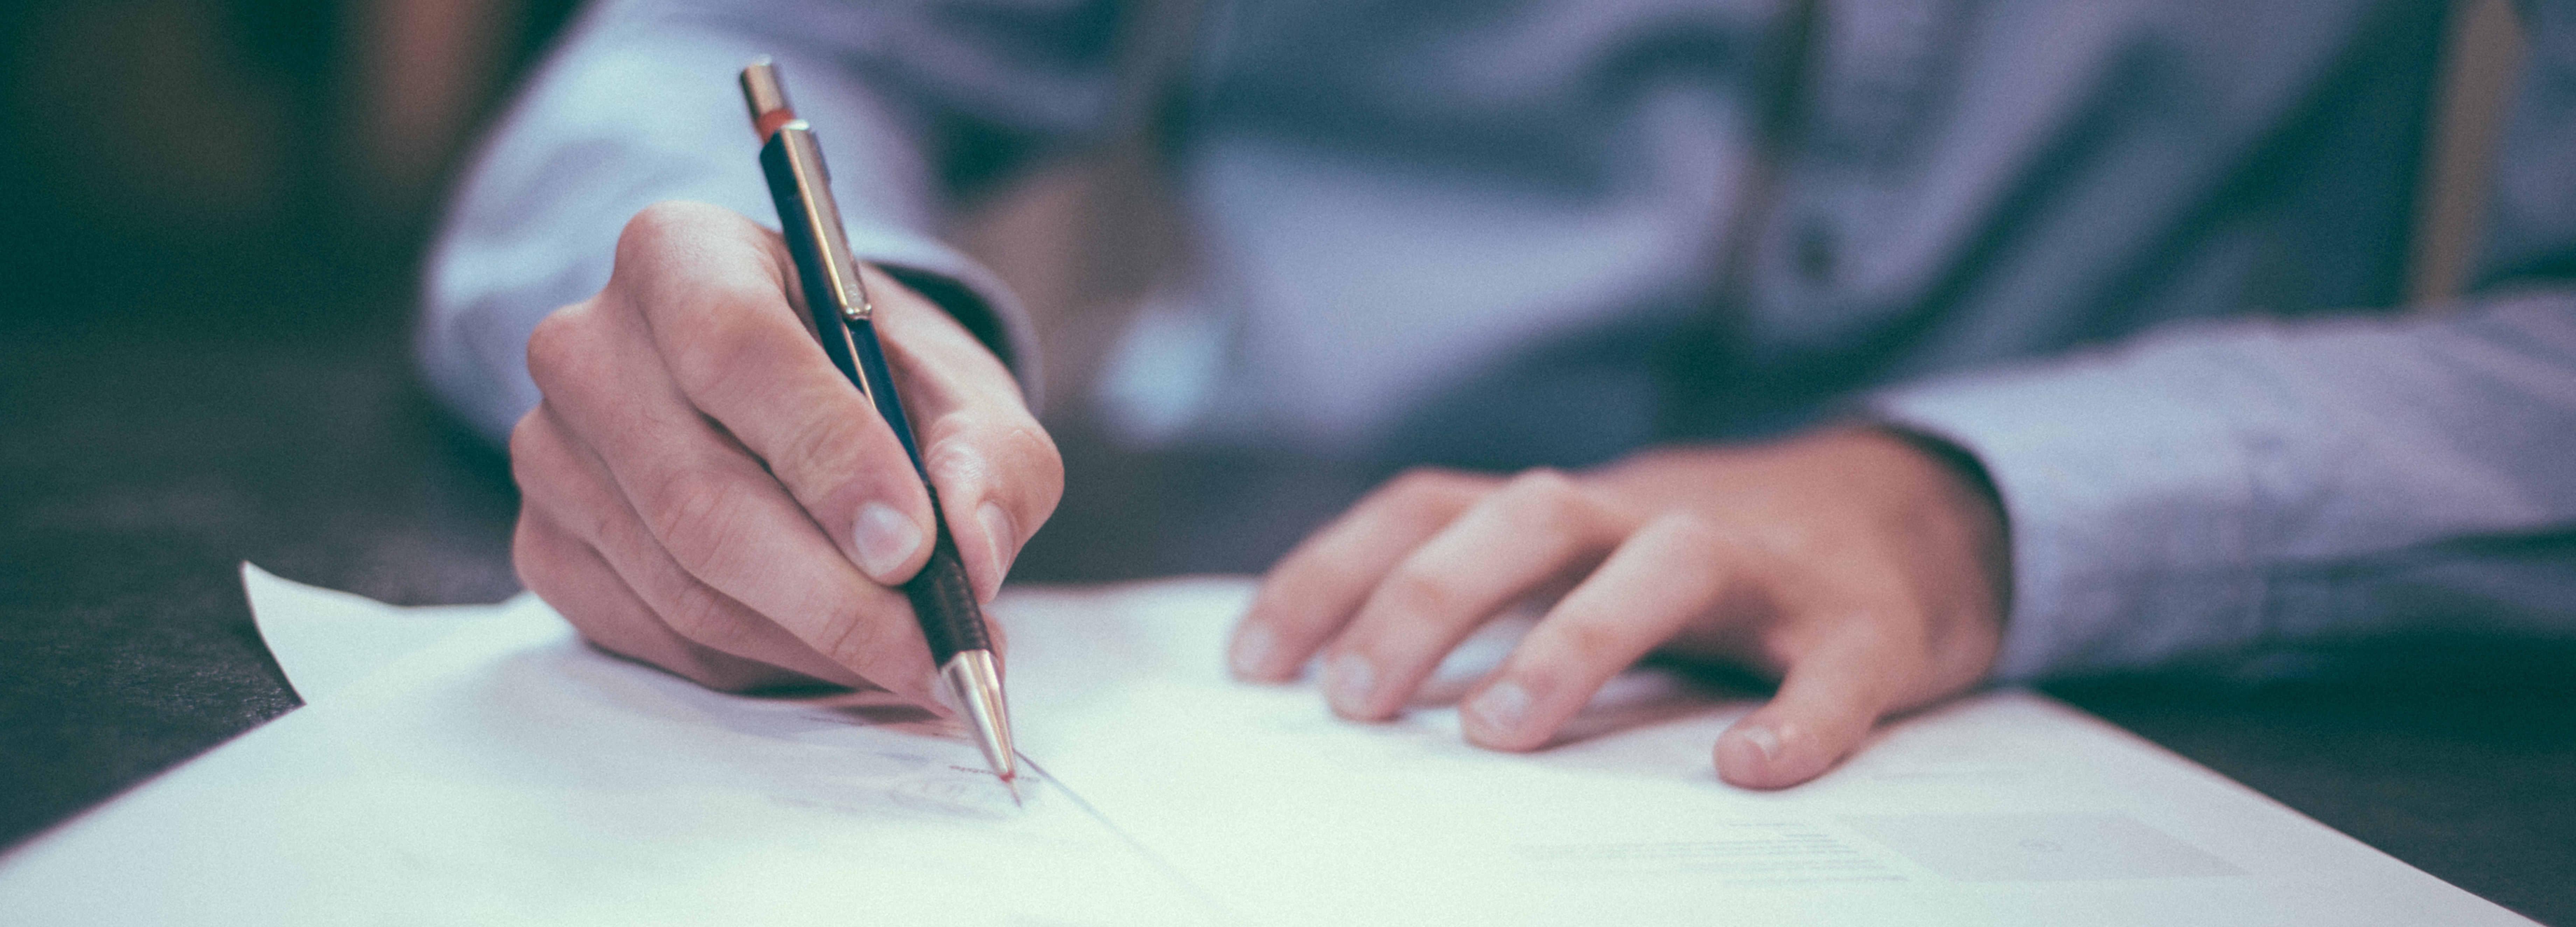 Ausgezeichnet Schreiben Sie Die Stichproben Zeitgenössisch ...